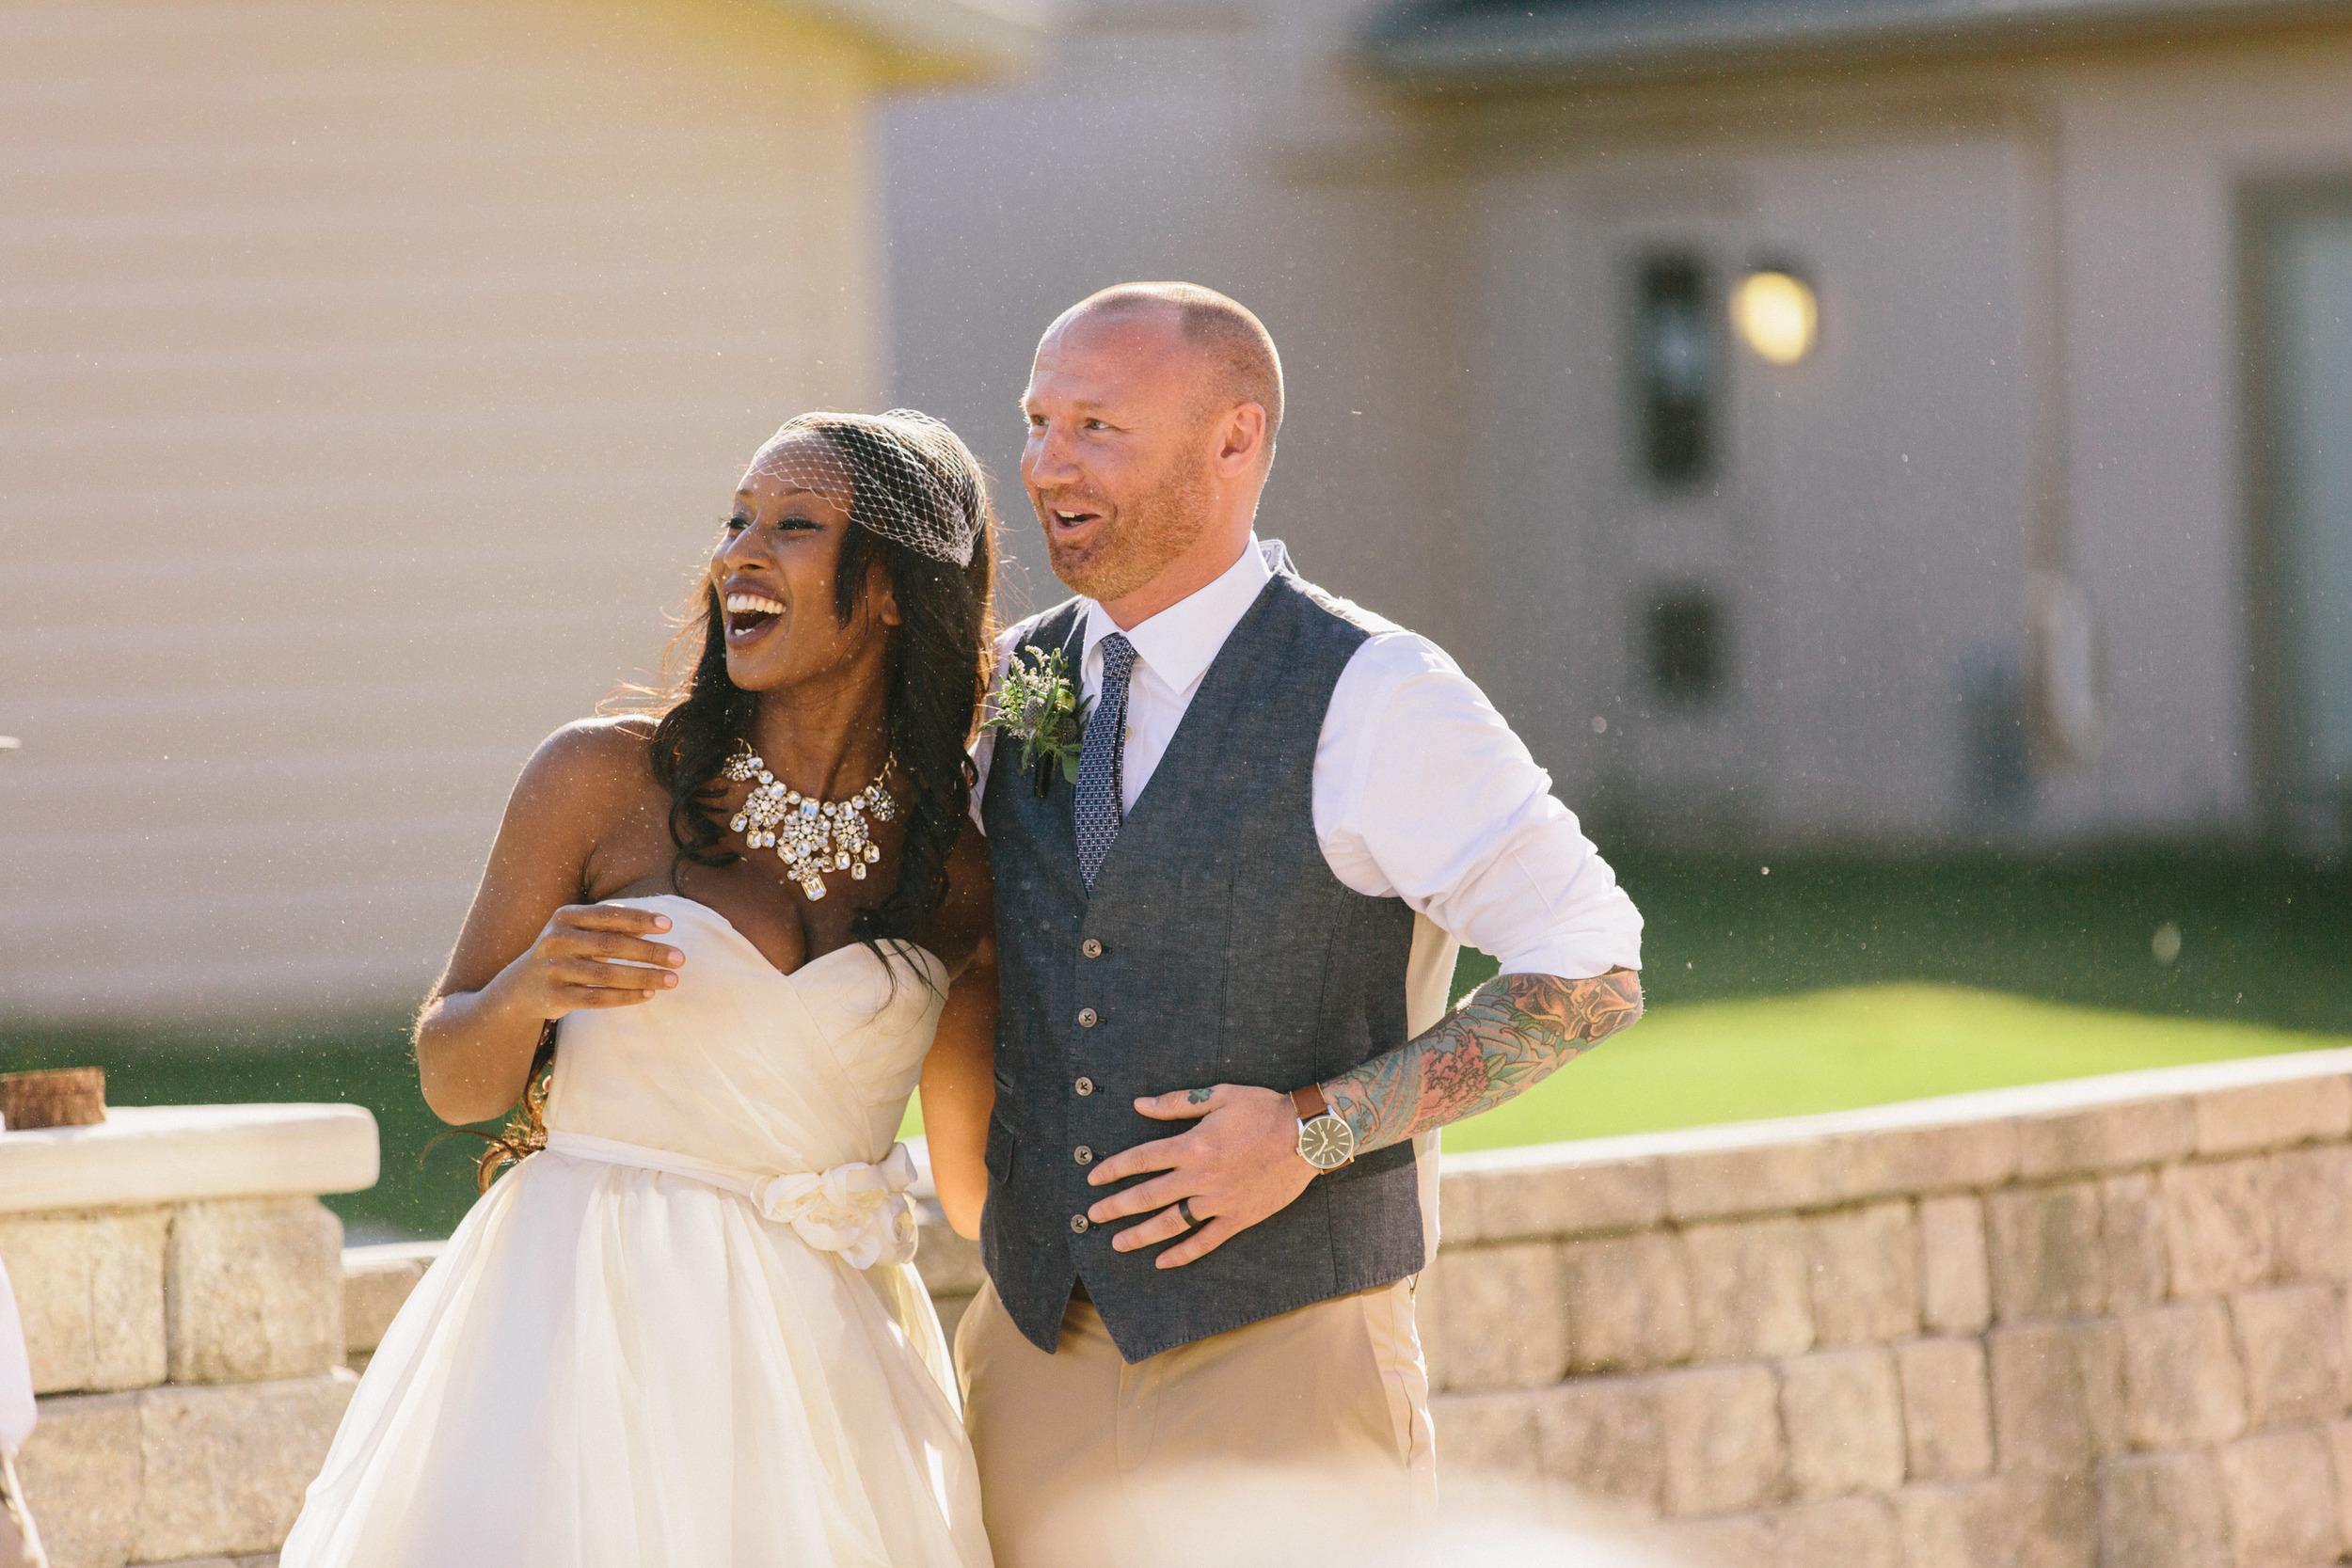 michael-rousseau-photography-shannae-ingleton-wedding-sean-craigleith-ski-club-wedding055.jpg